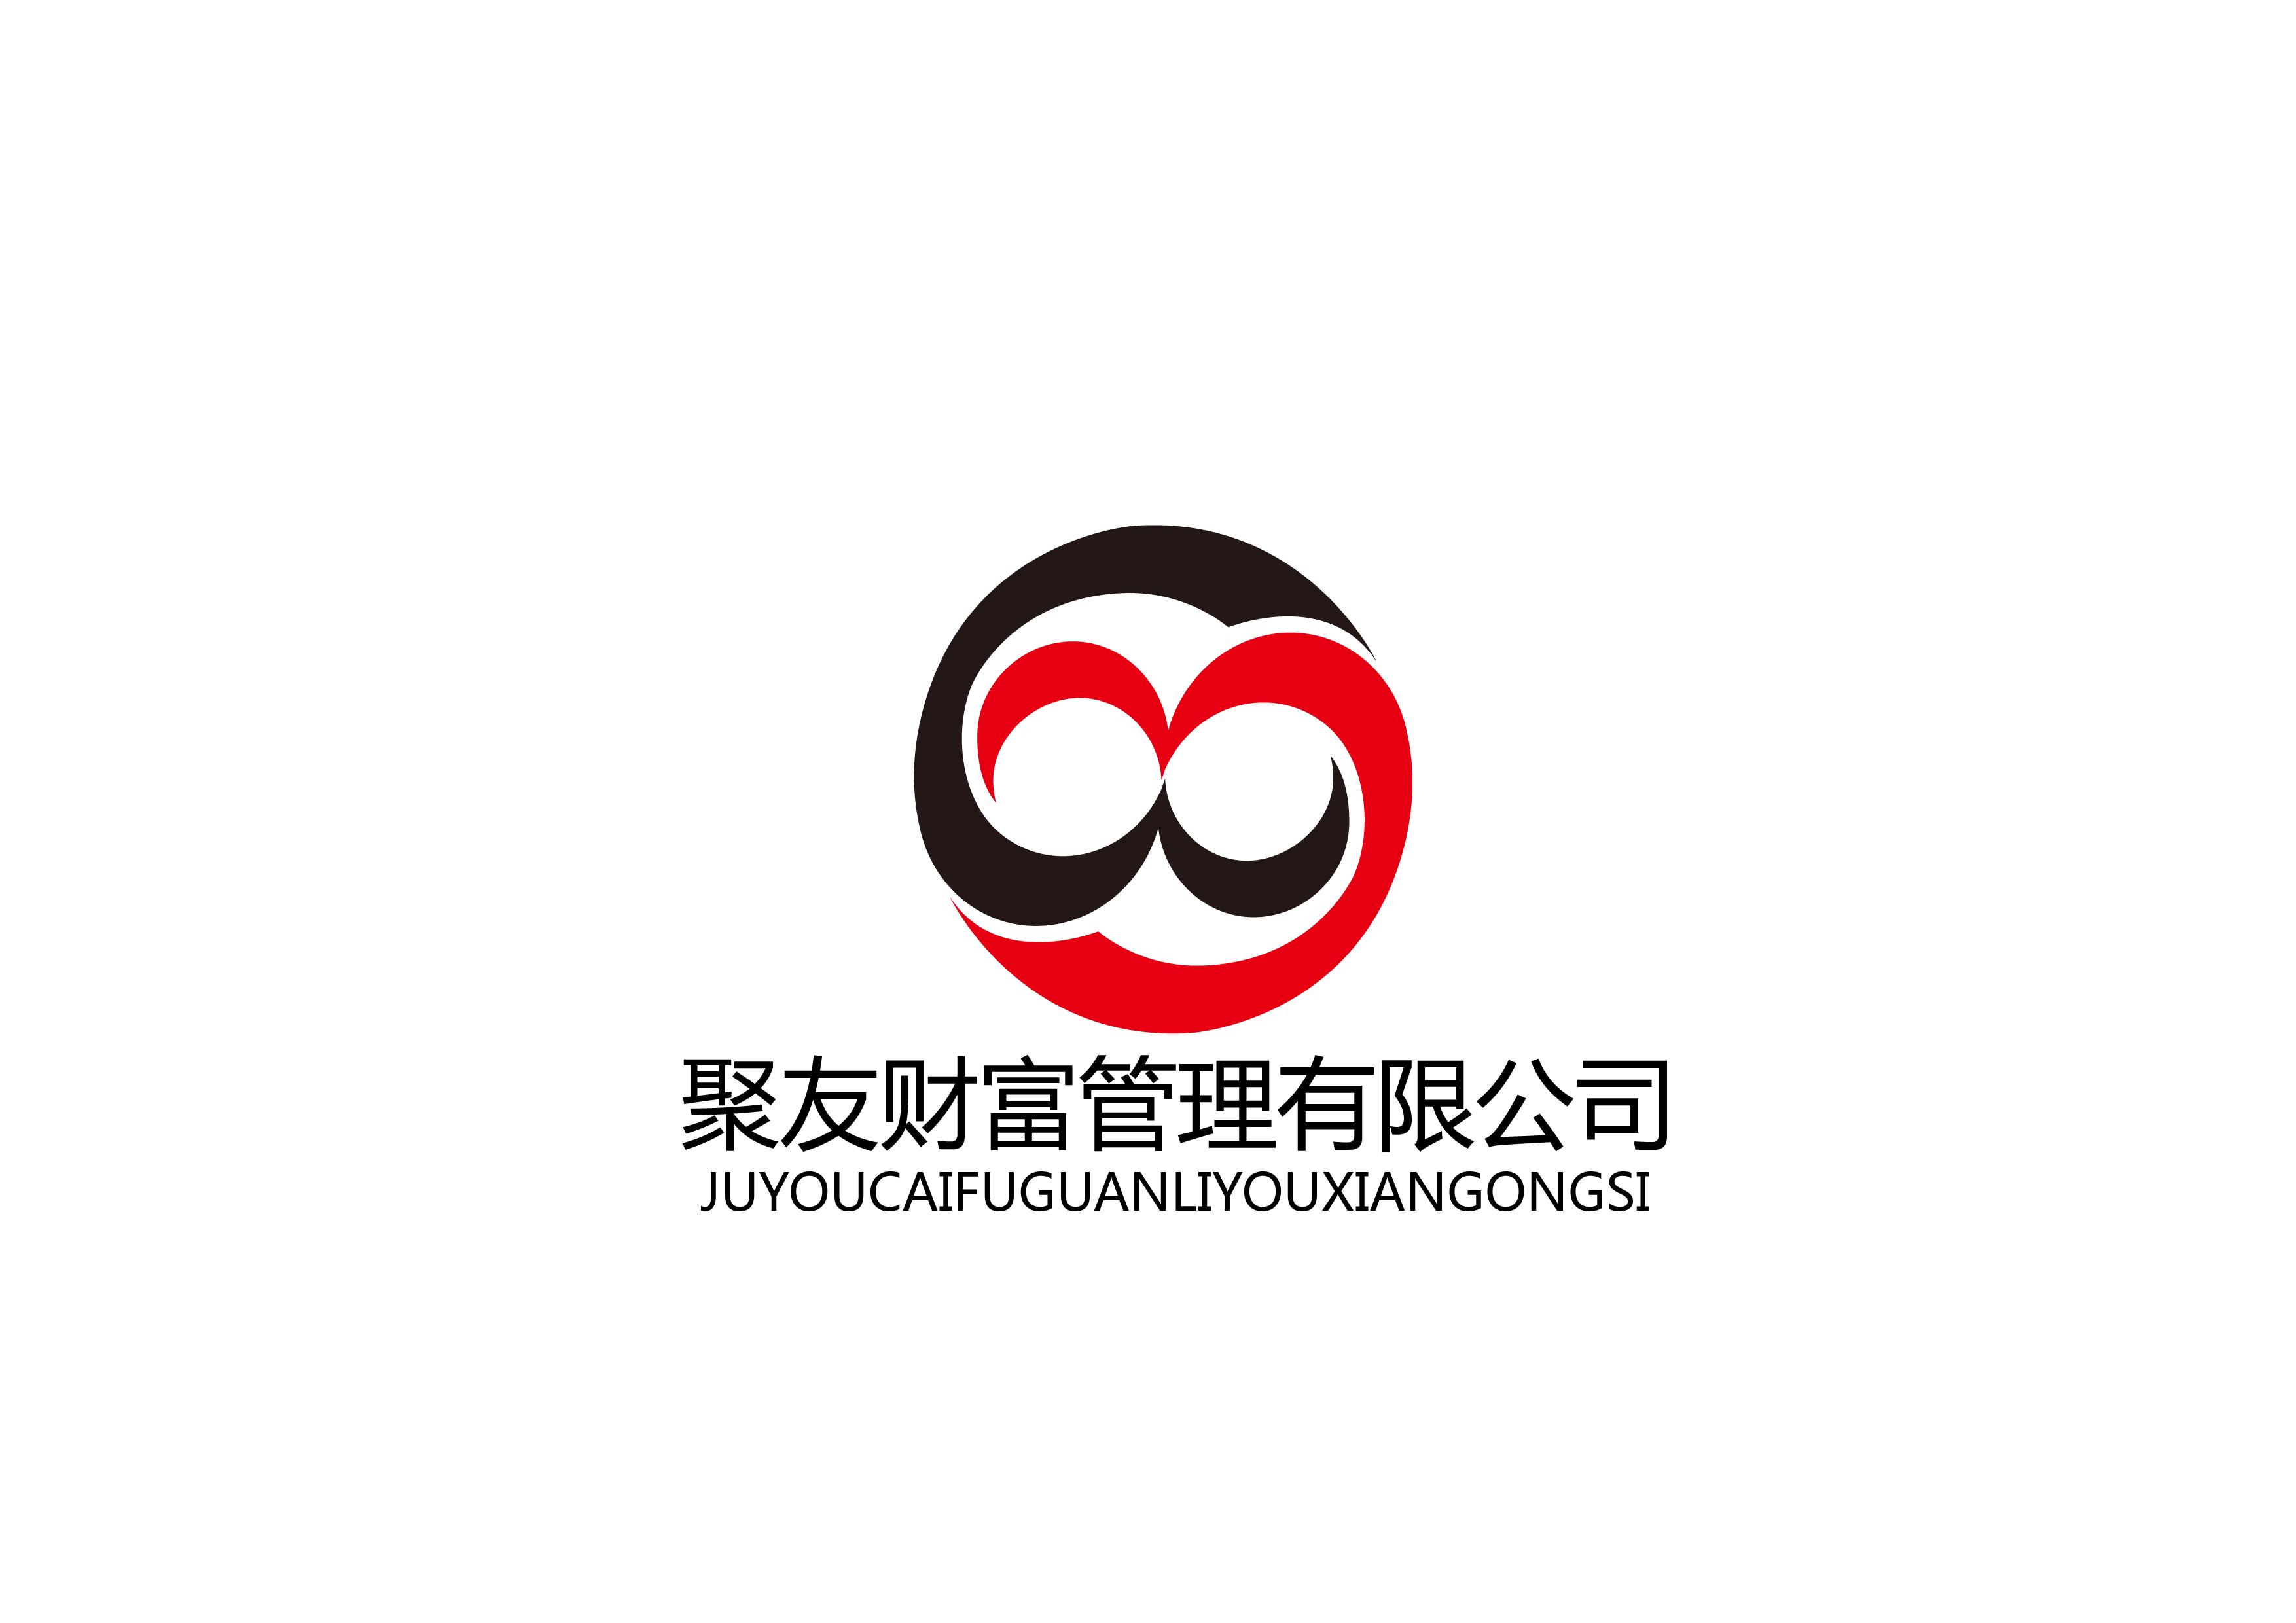 财富管理类公司logo设计